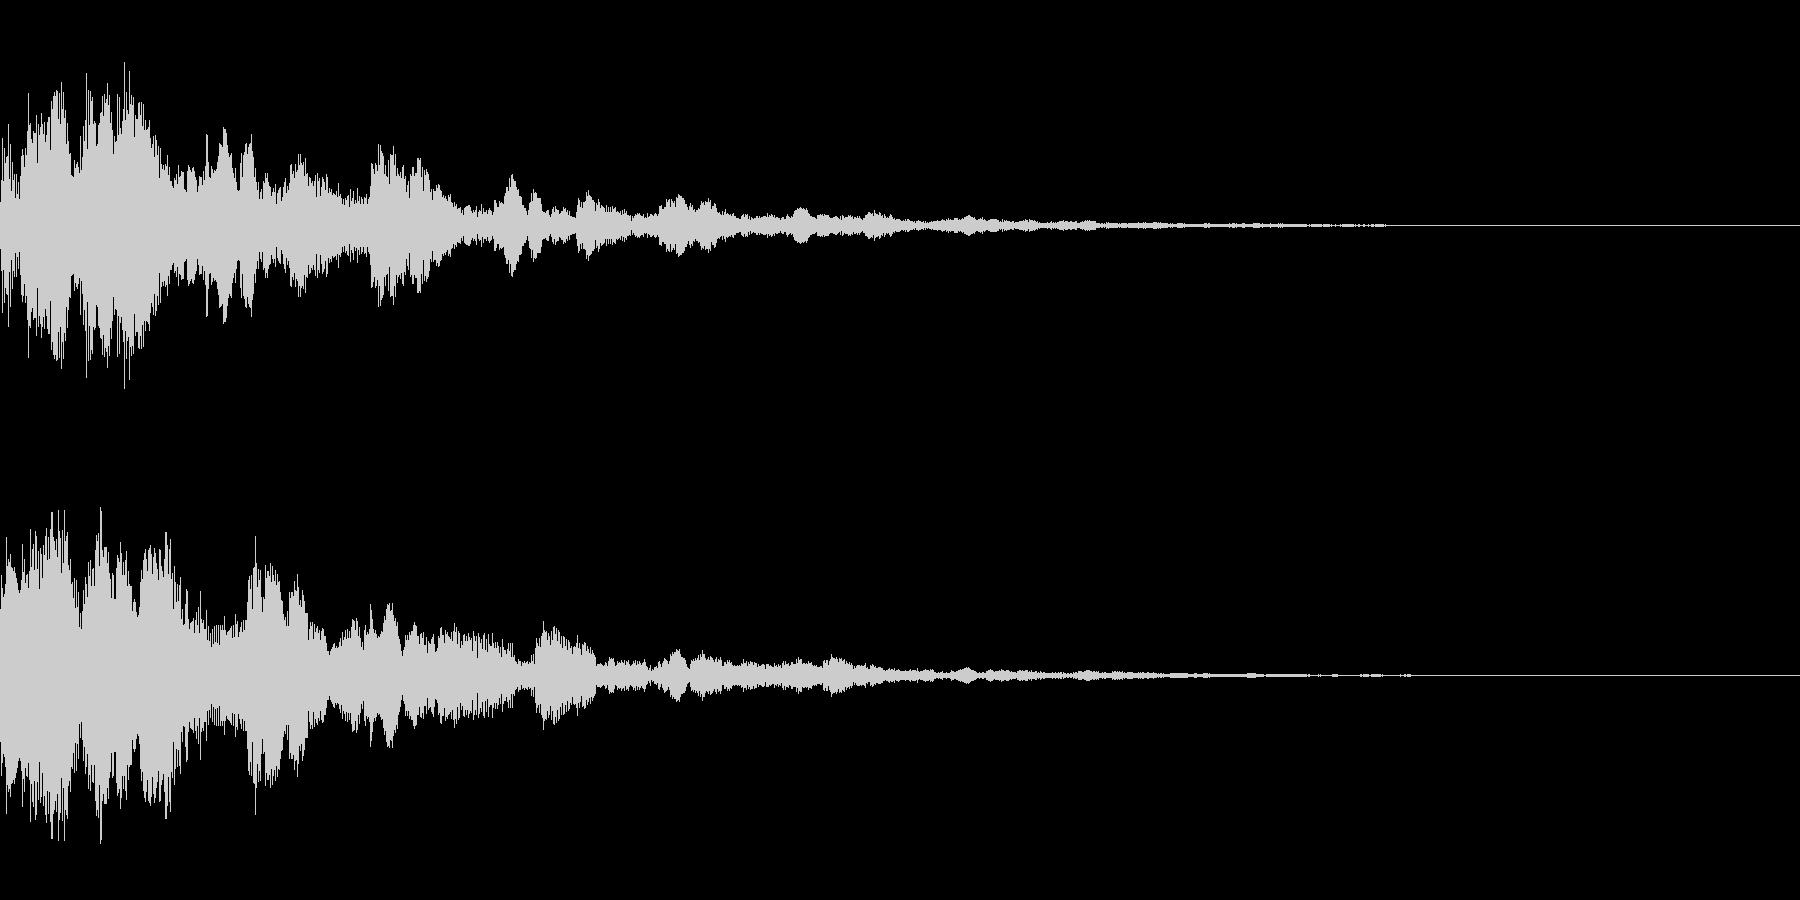 システム音37_Jの未再生の波形